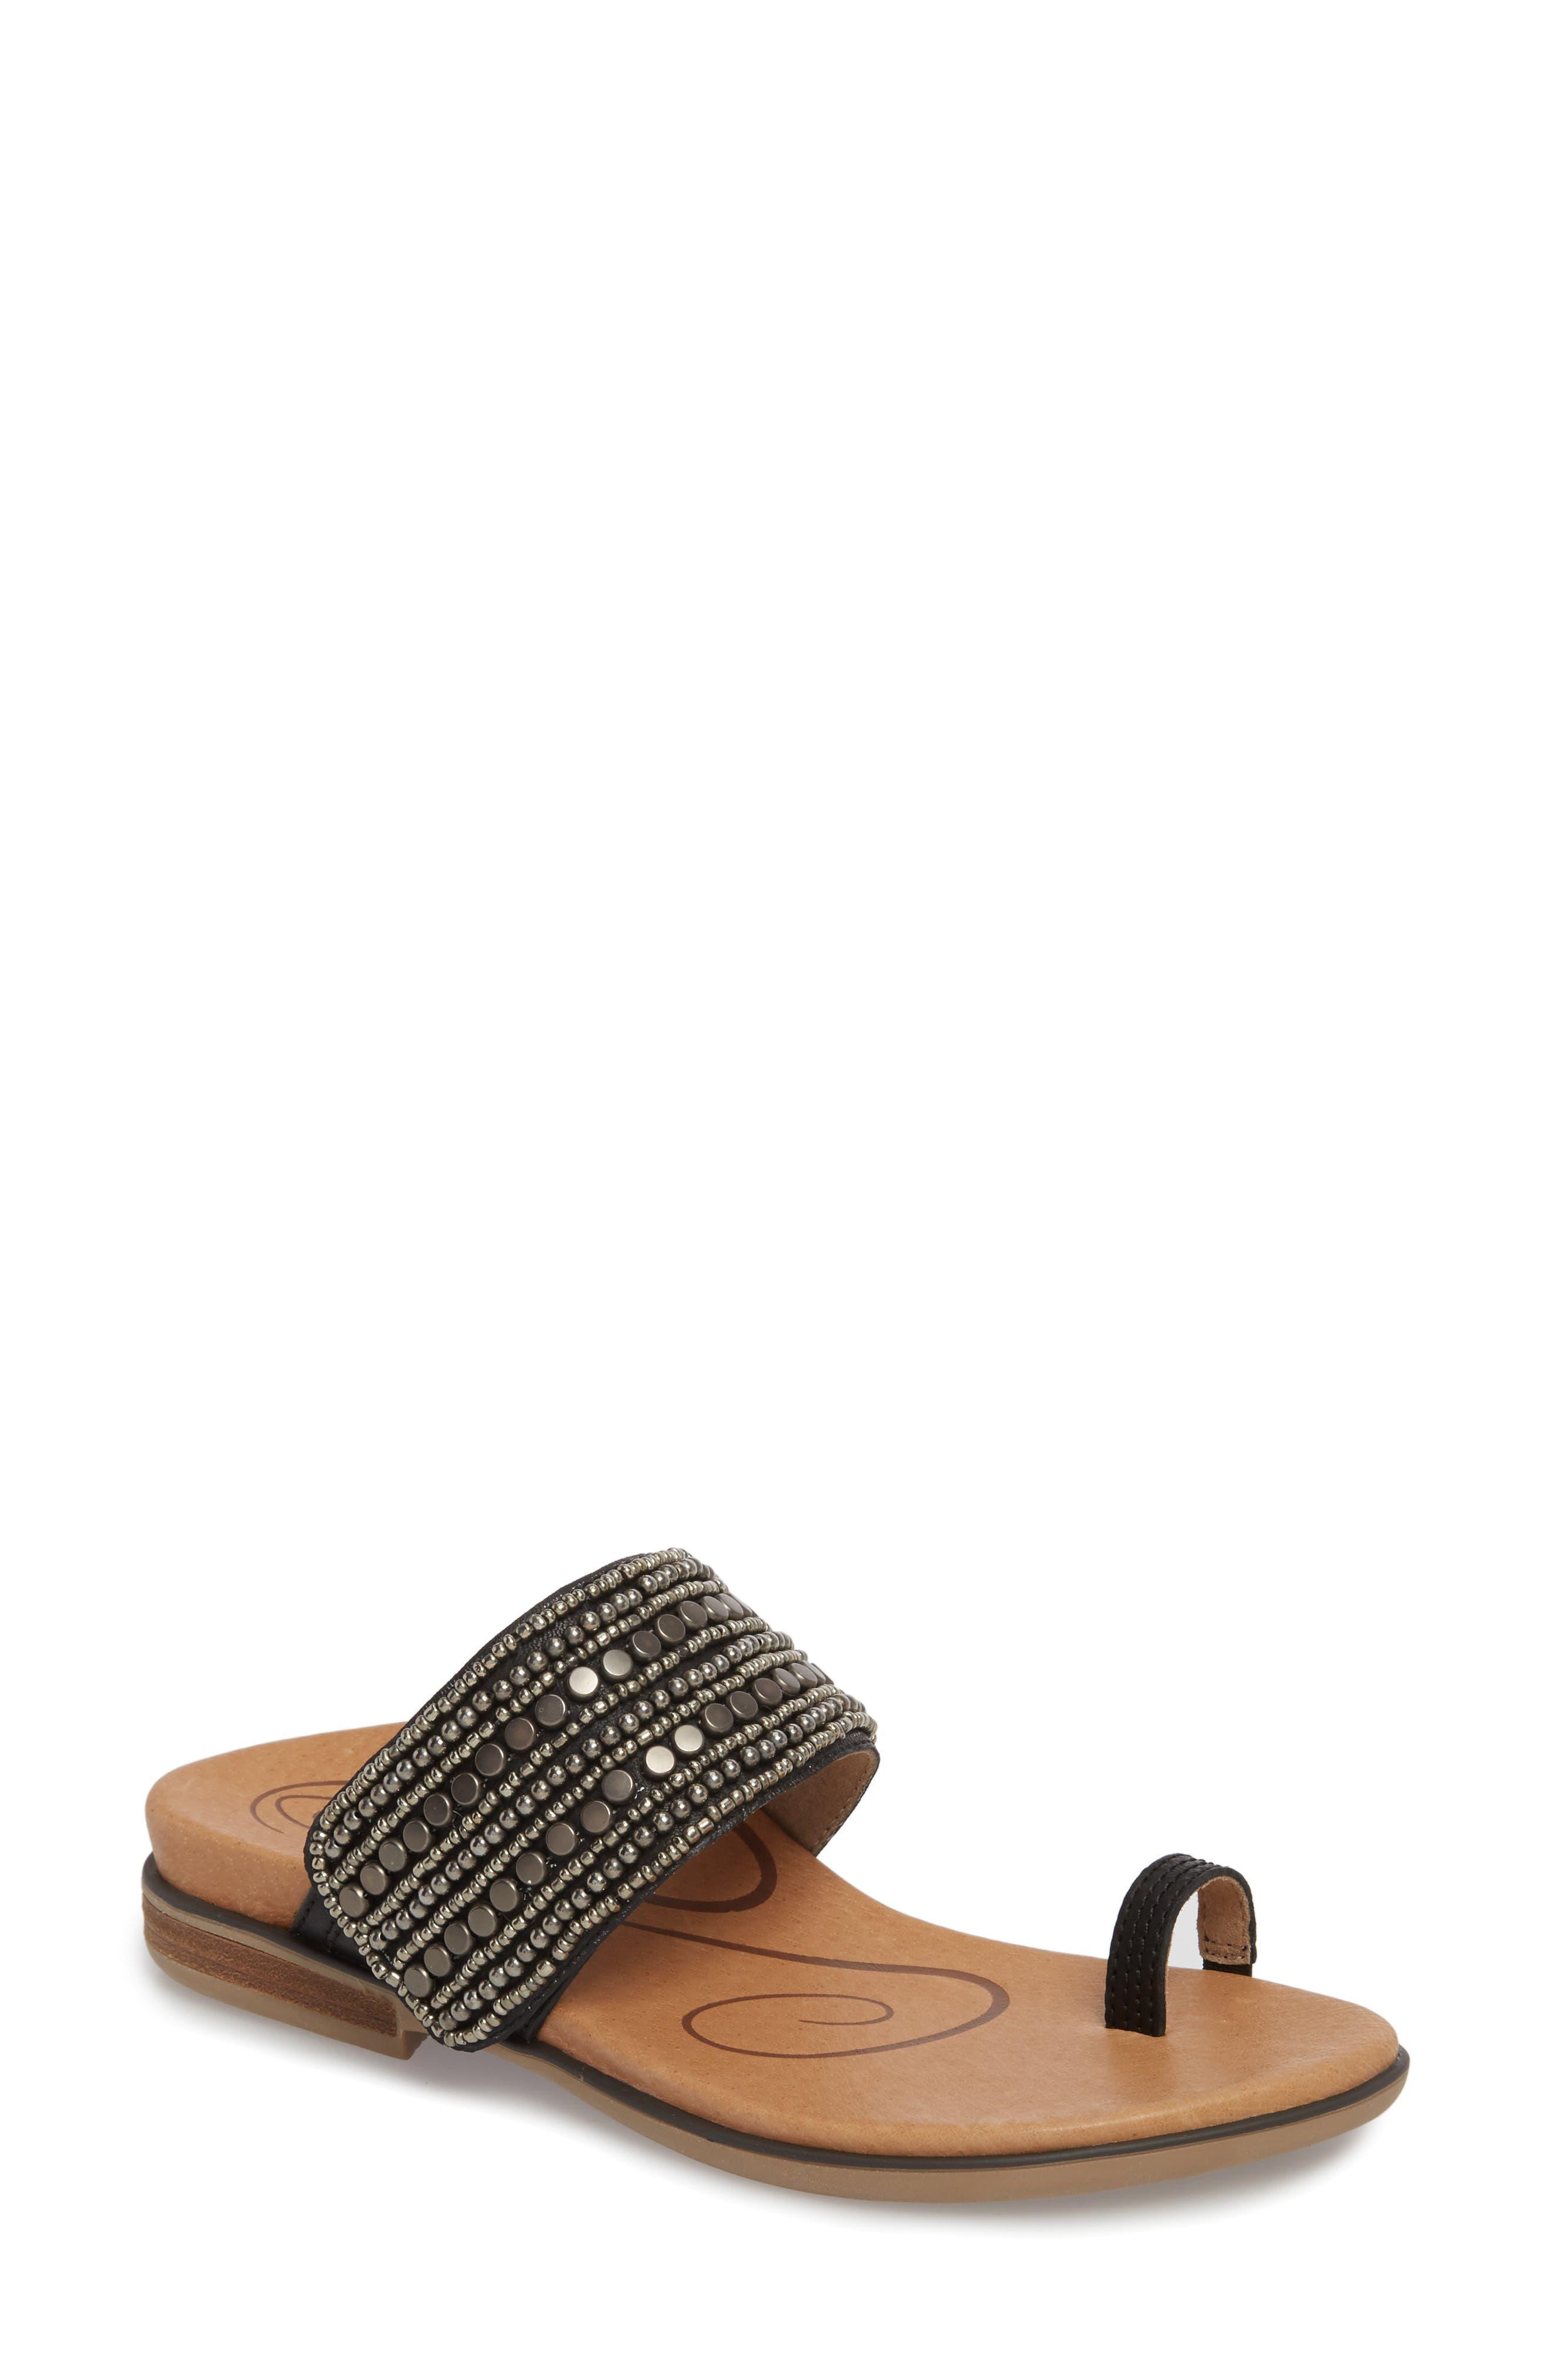 Layla Embellished Slide Sandal,                             Main thumbnail 1, color,                             Black Leather